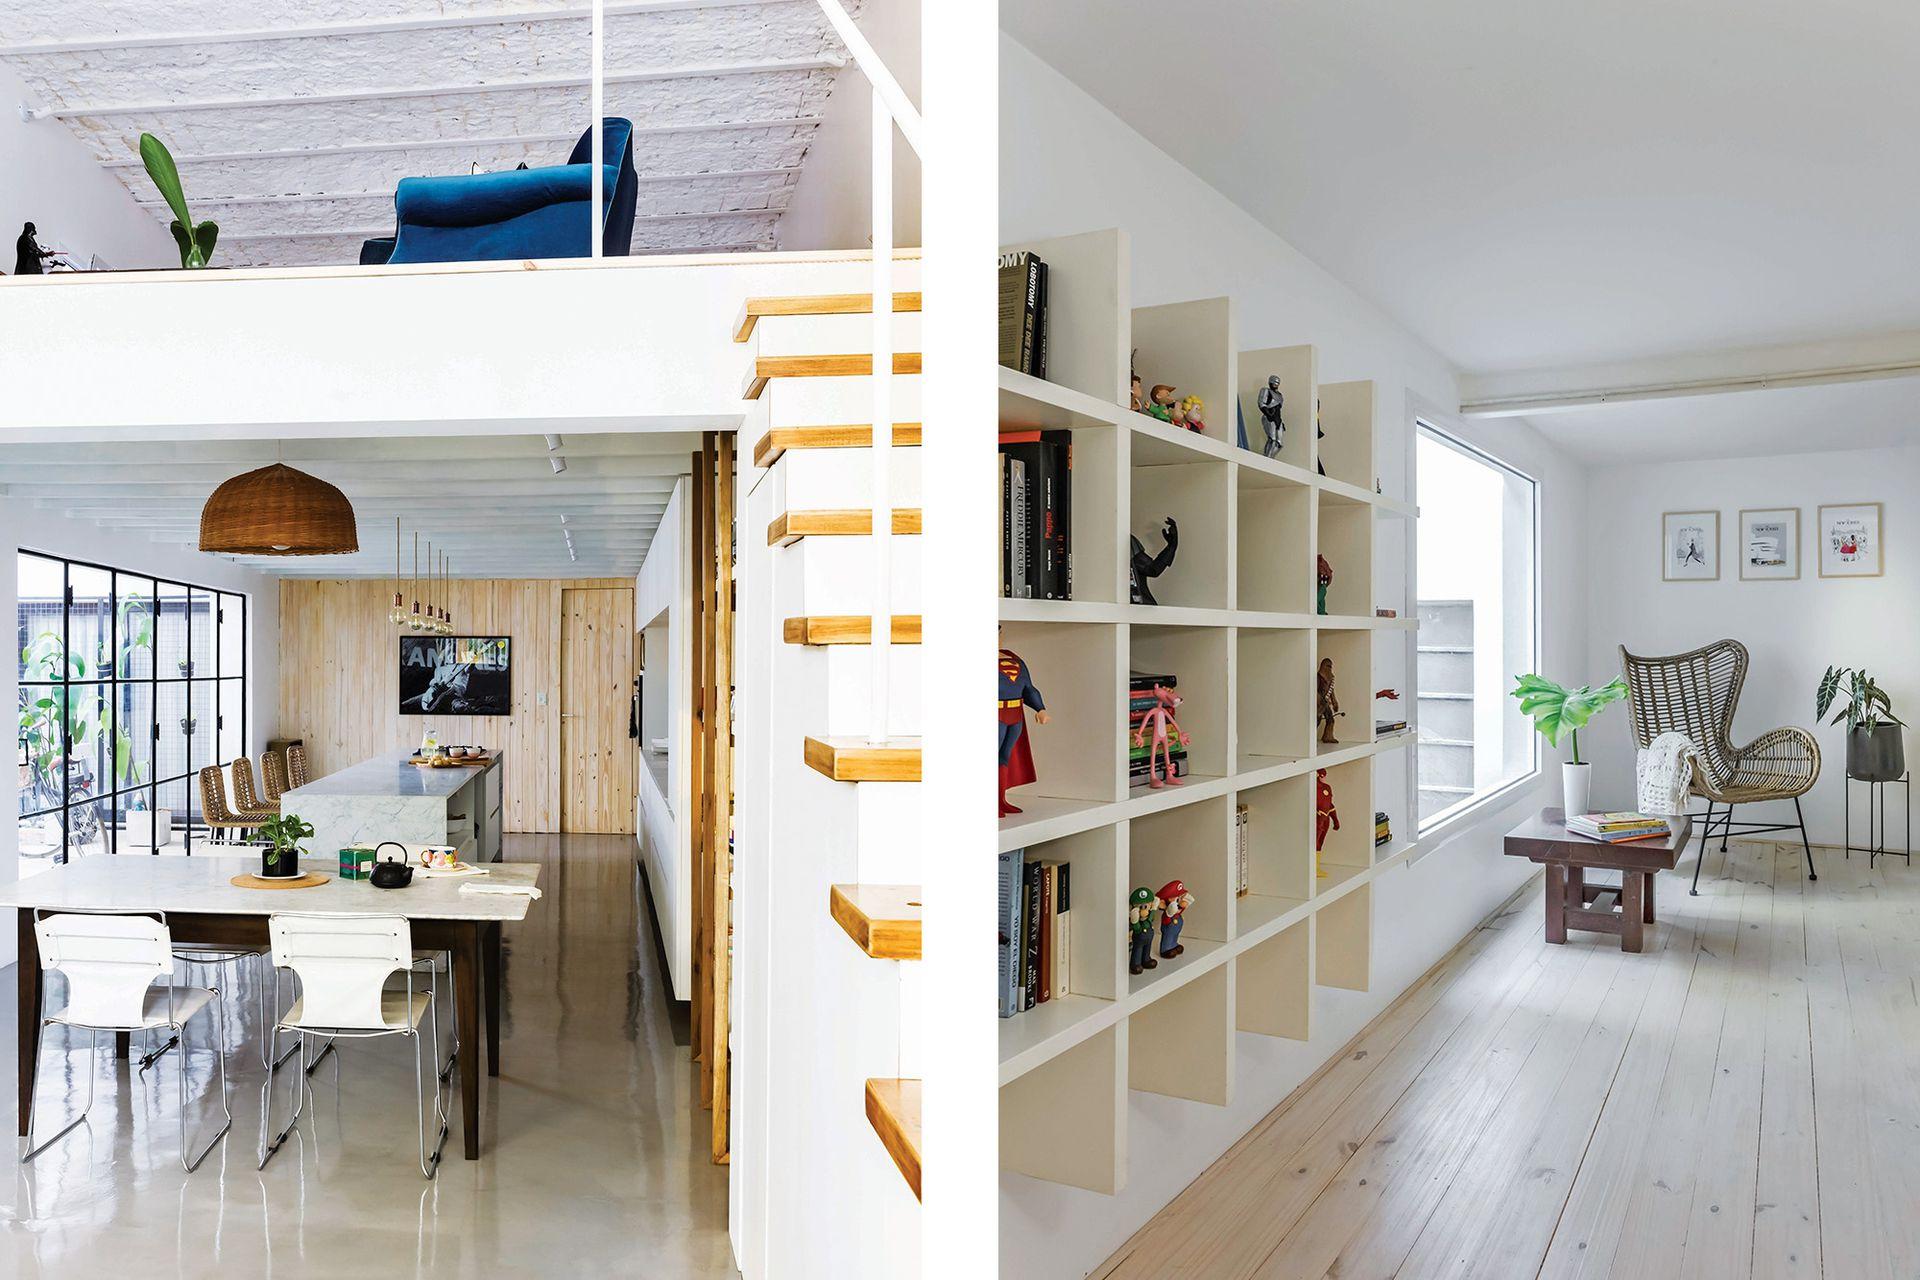 La madera clara y los muebles blancos de la cocina mantienen continuidad con la escalera del entrepiso.